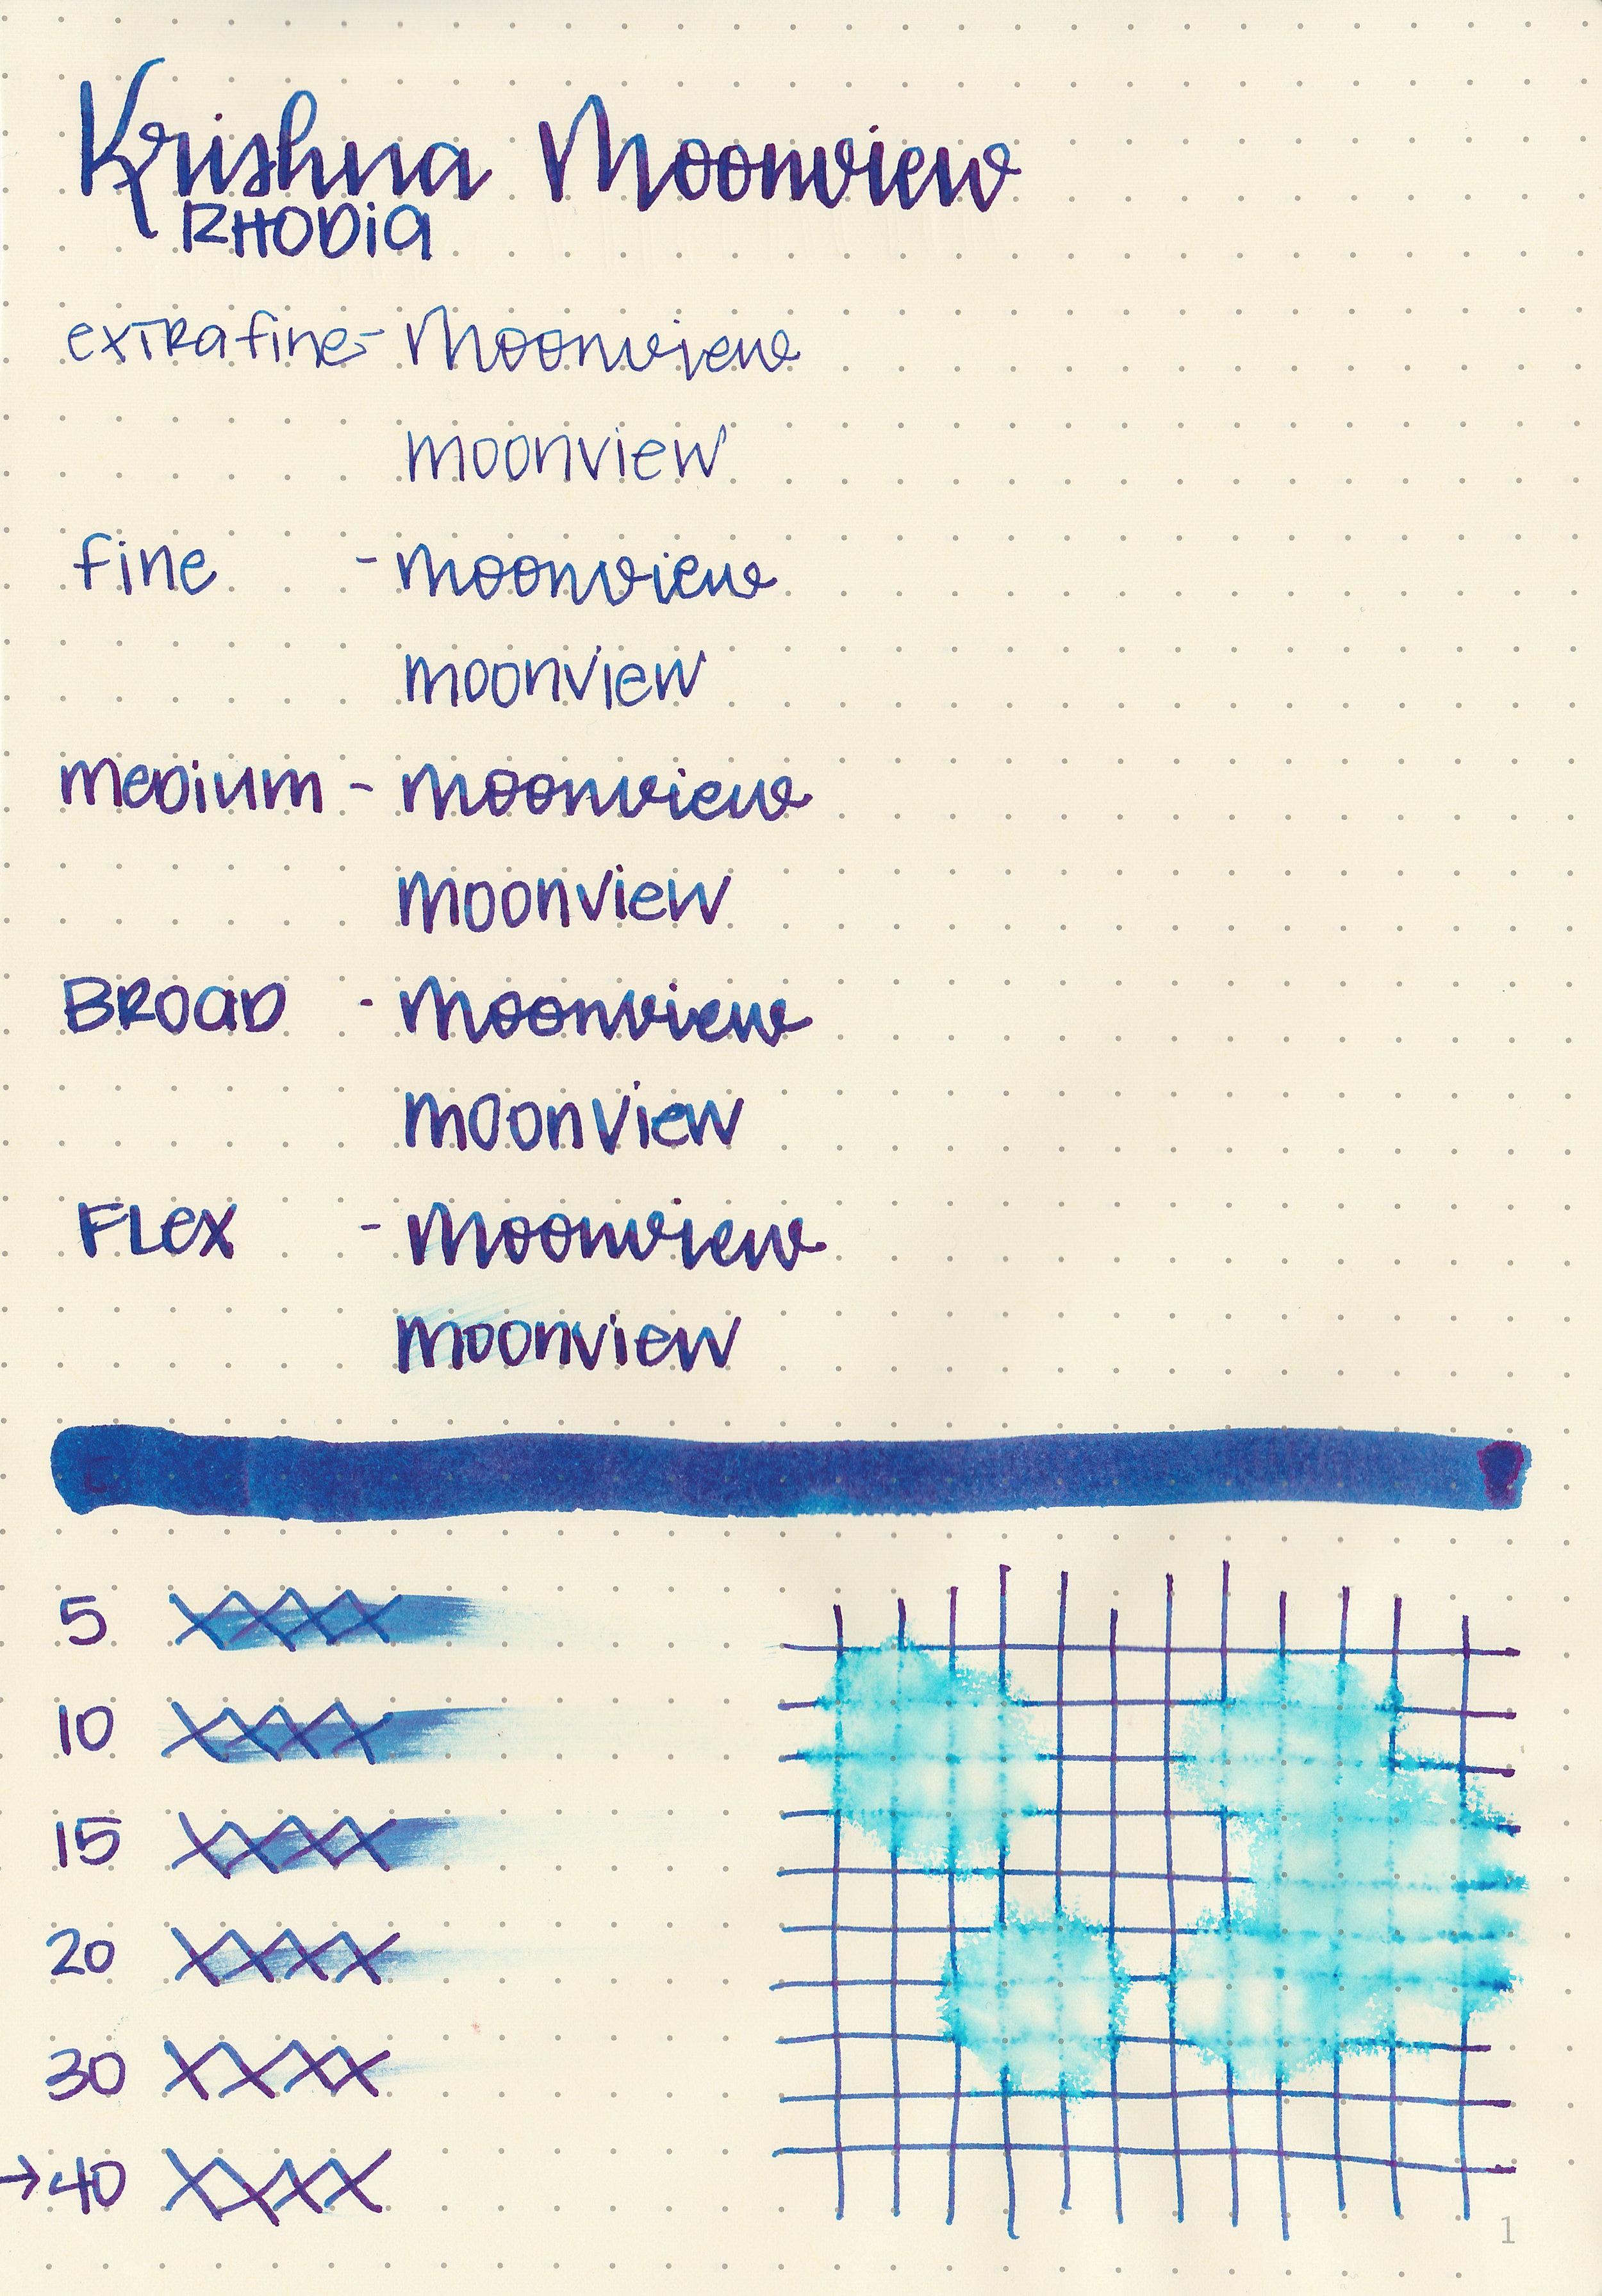 kr-moonview-9.jpg